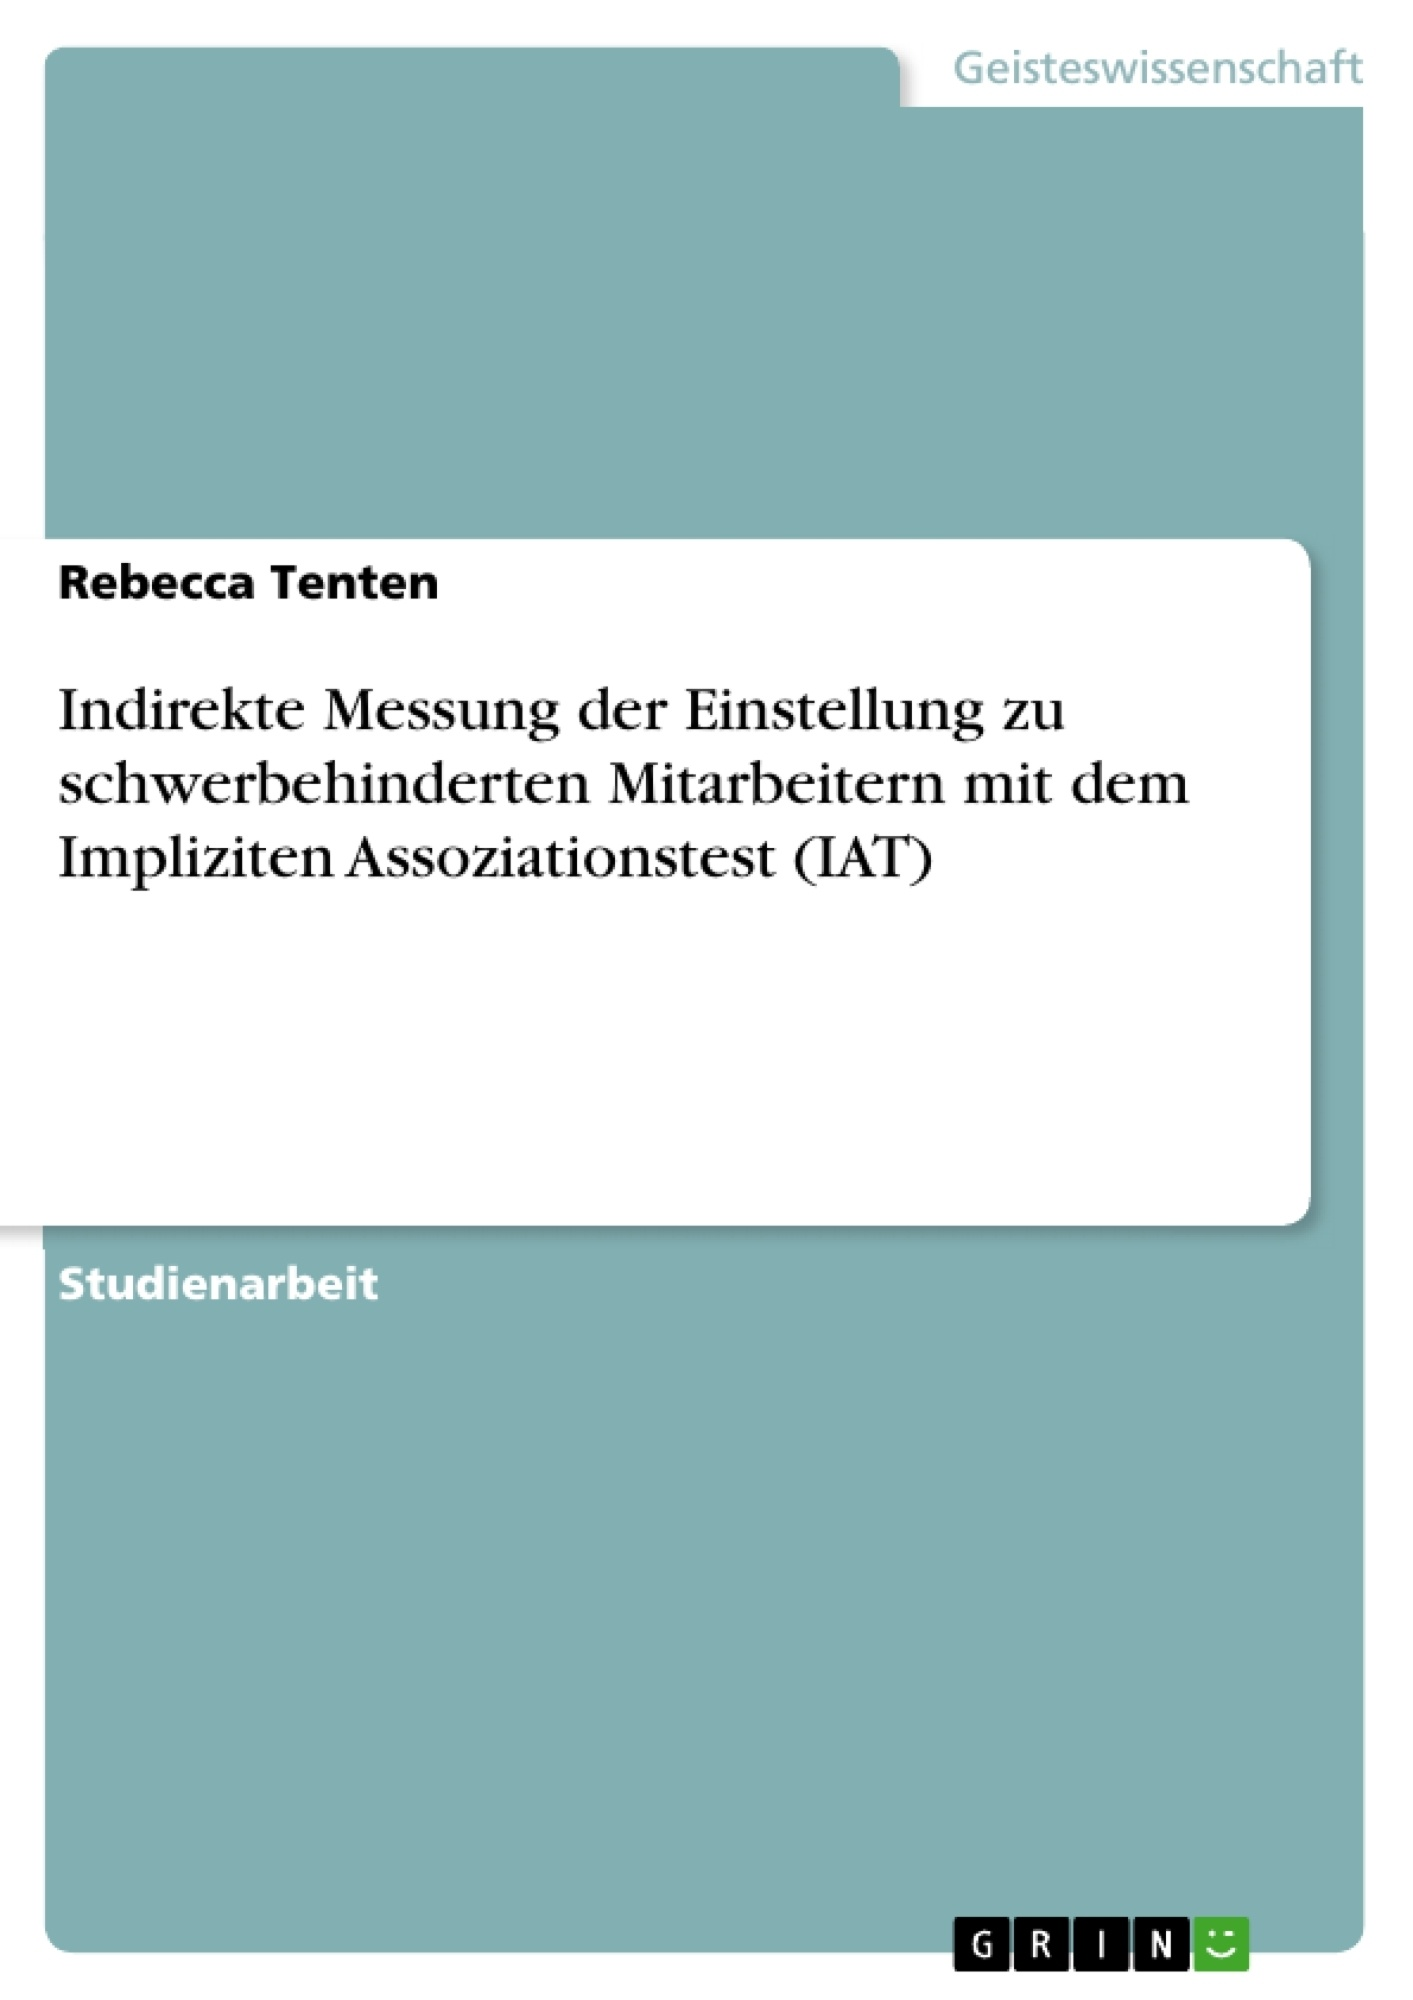 Titel: Indirekte Messung der Einstellung zu schwerbehinderten Mitarbeitern mit dem Impliziten Assoziationstest (IAT)